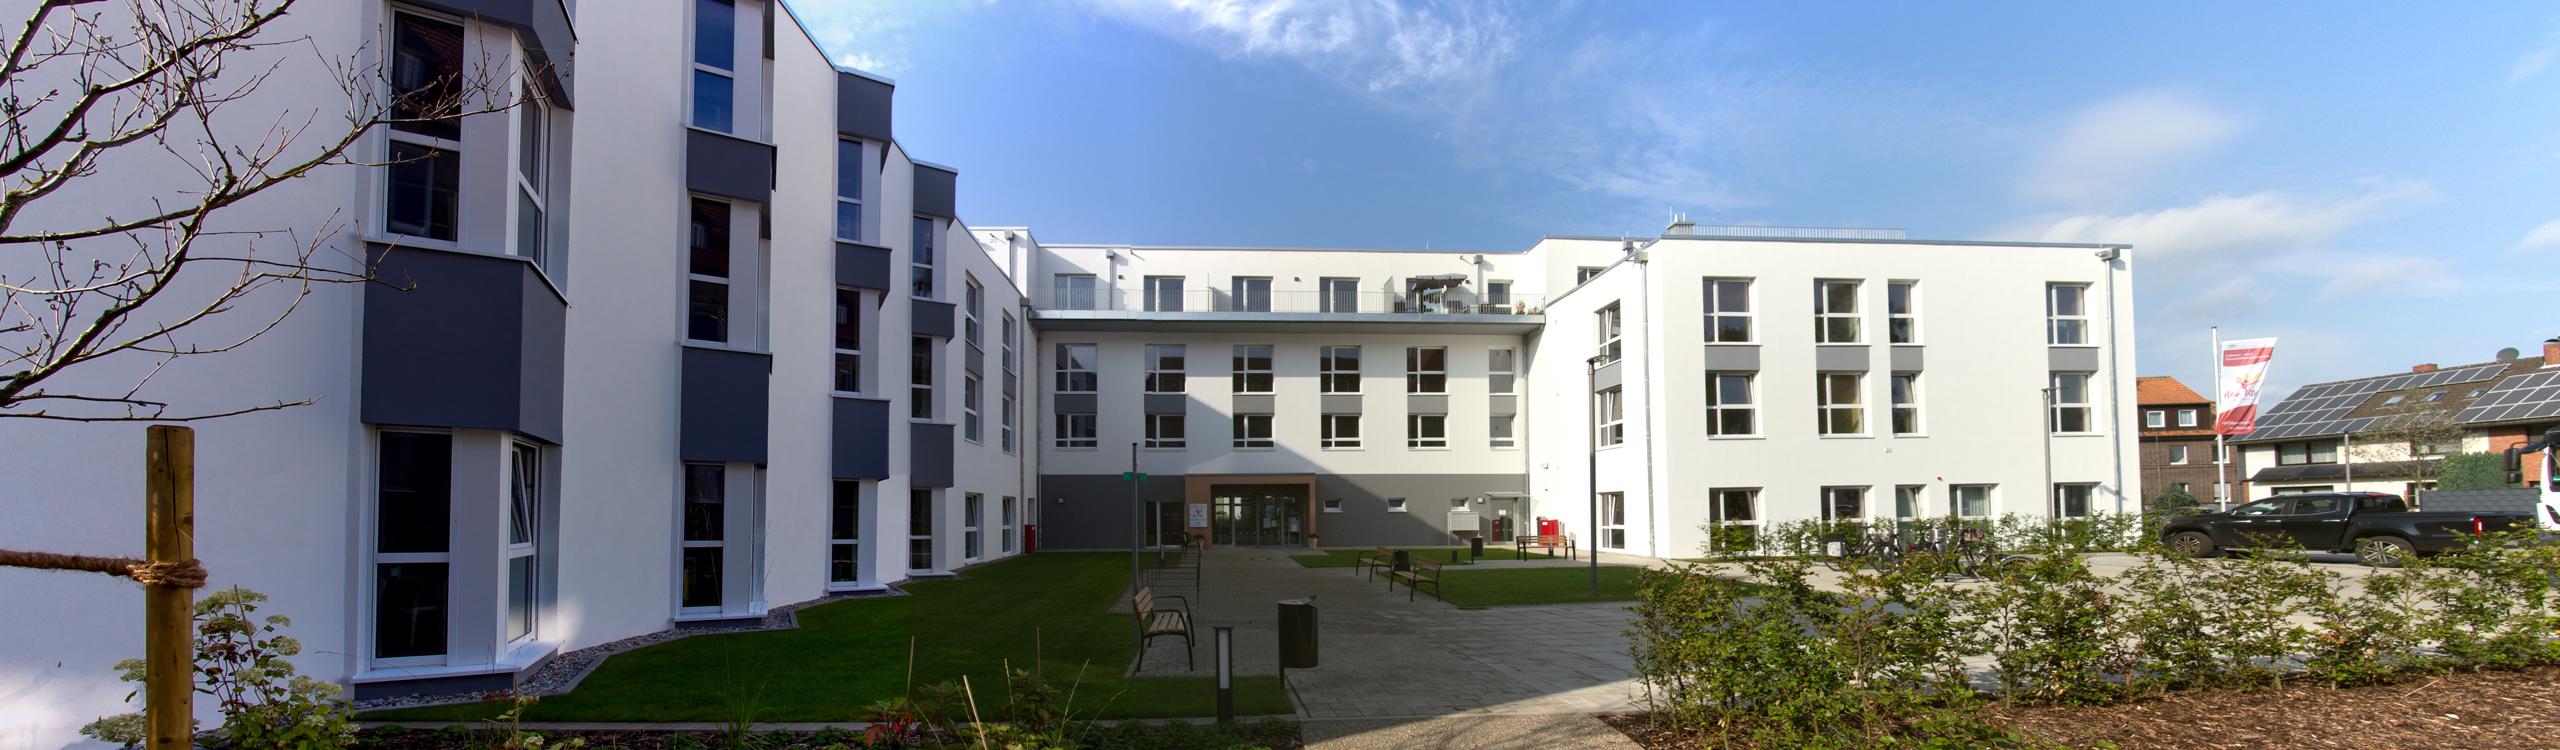 pflegeheim-rietberg